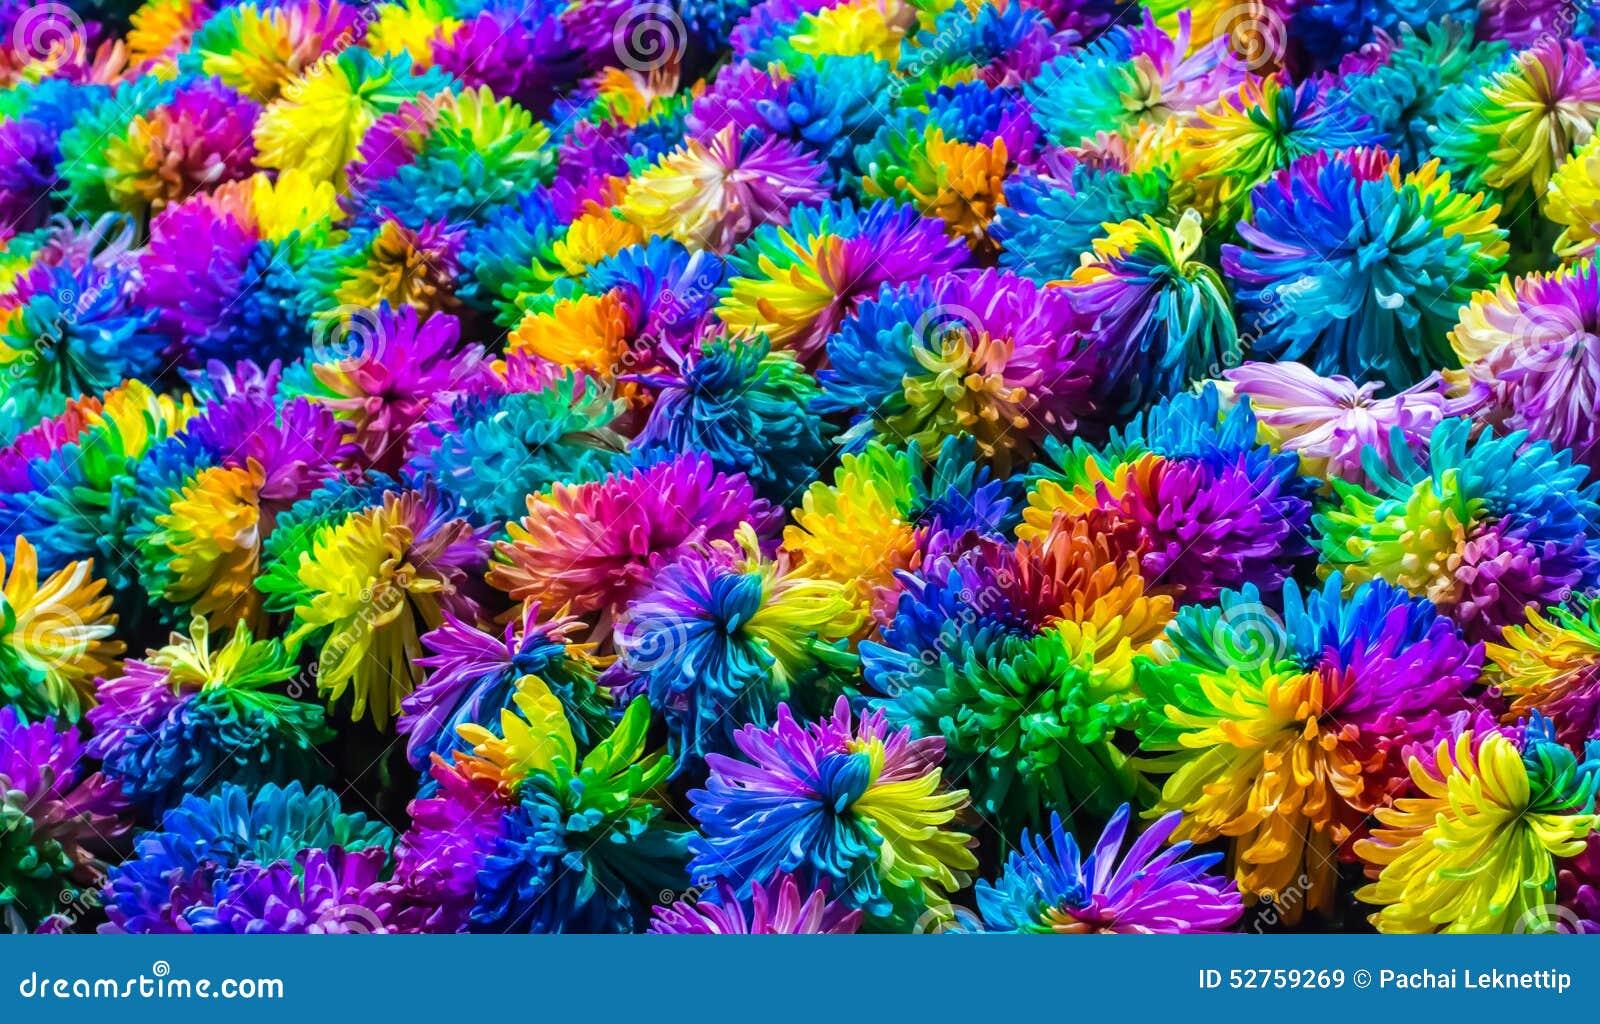 fleur d 39 arc en ciel de chrysanth me photo stock image 52759269. Black Bedroom Furniture Sets. Home Design Ideas